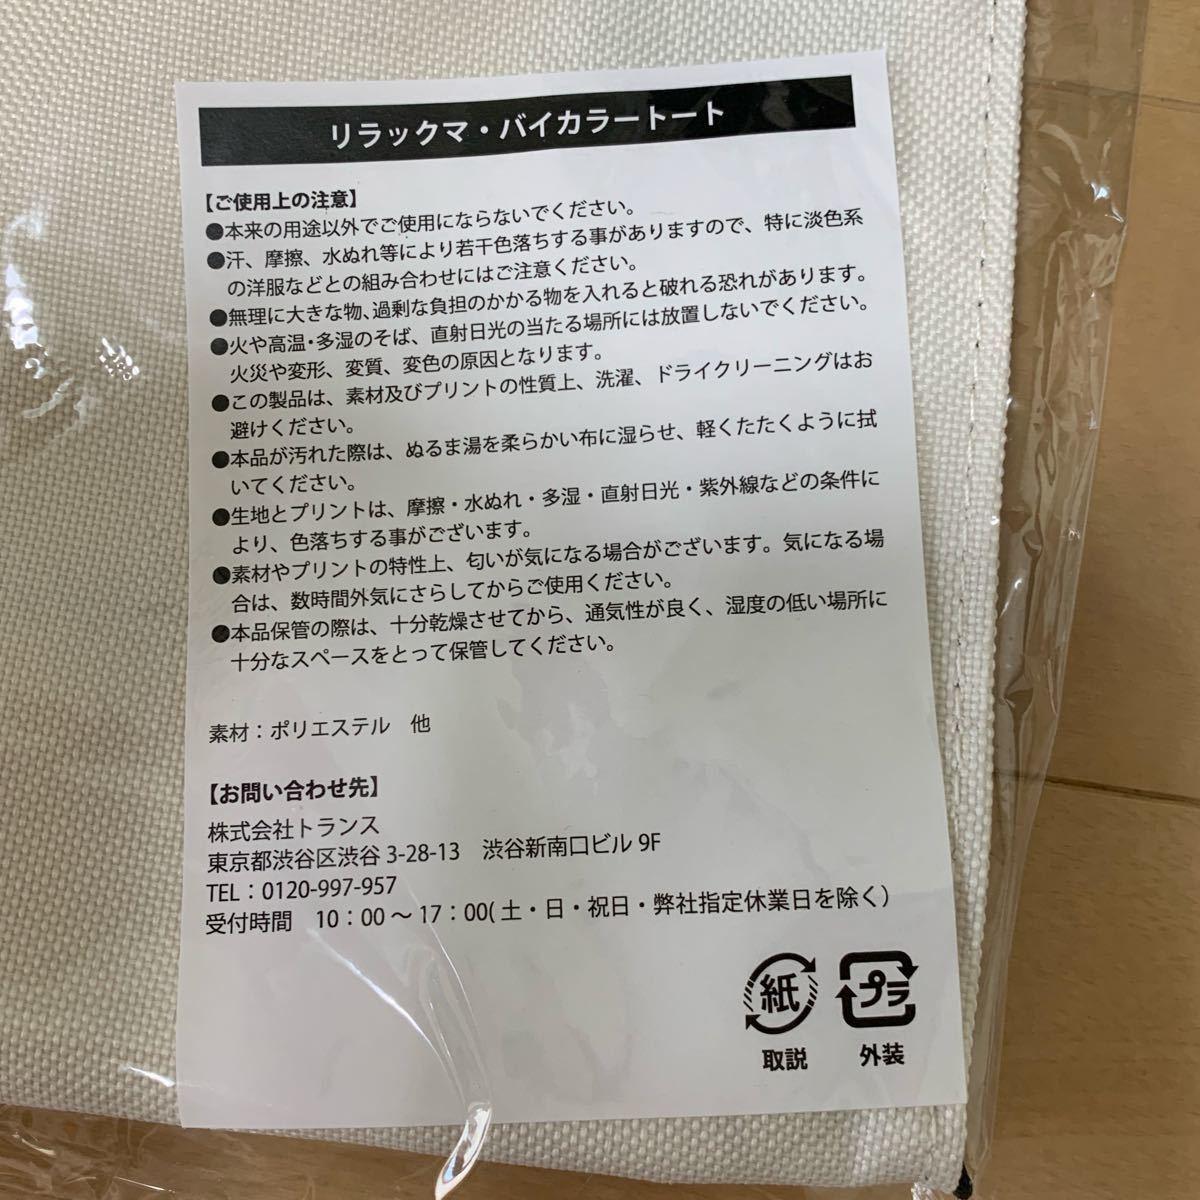 リラックマ ノベルティ 三井住友プライマリー 傘ケース & トートバッグ